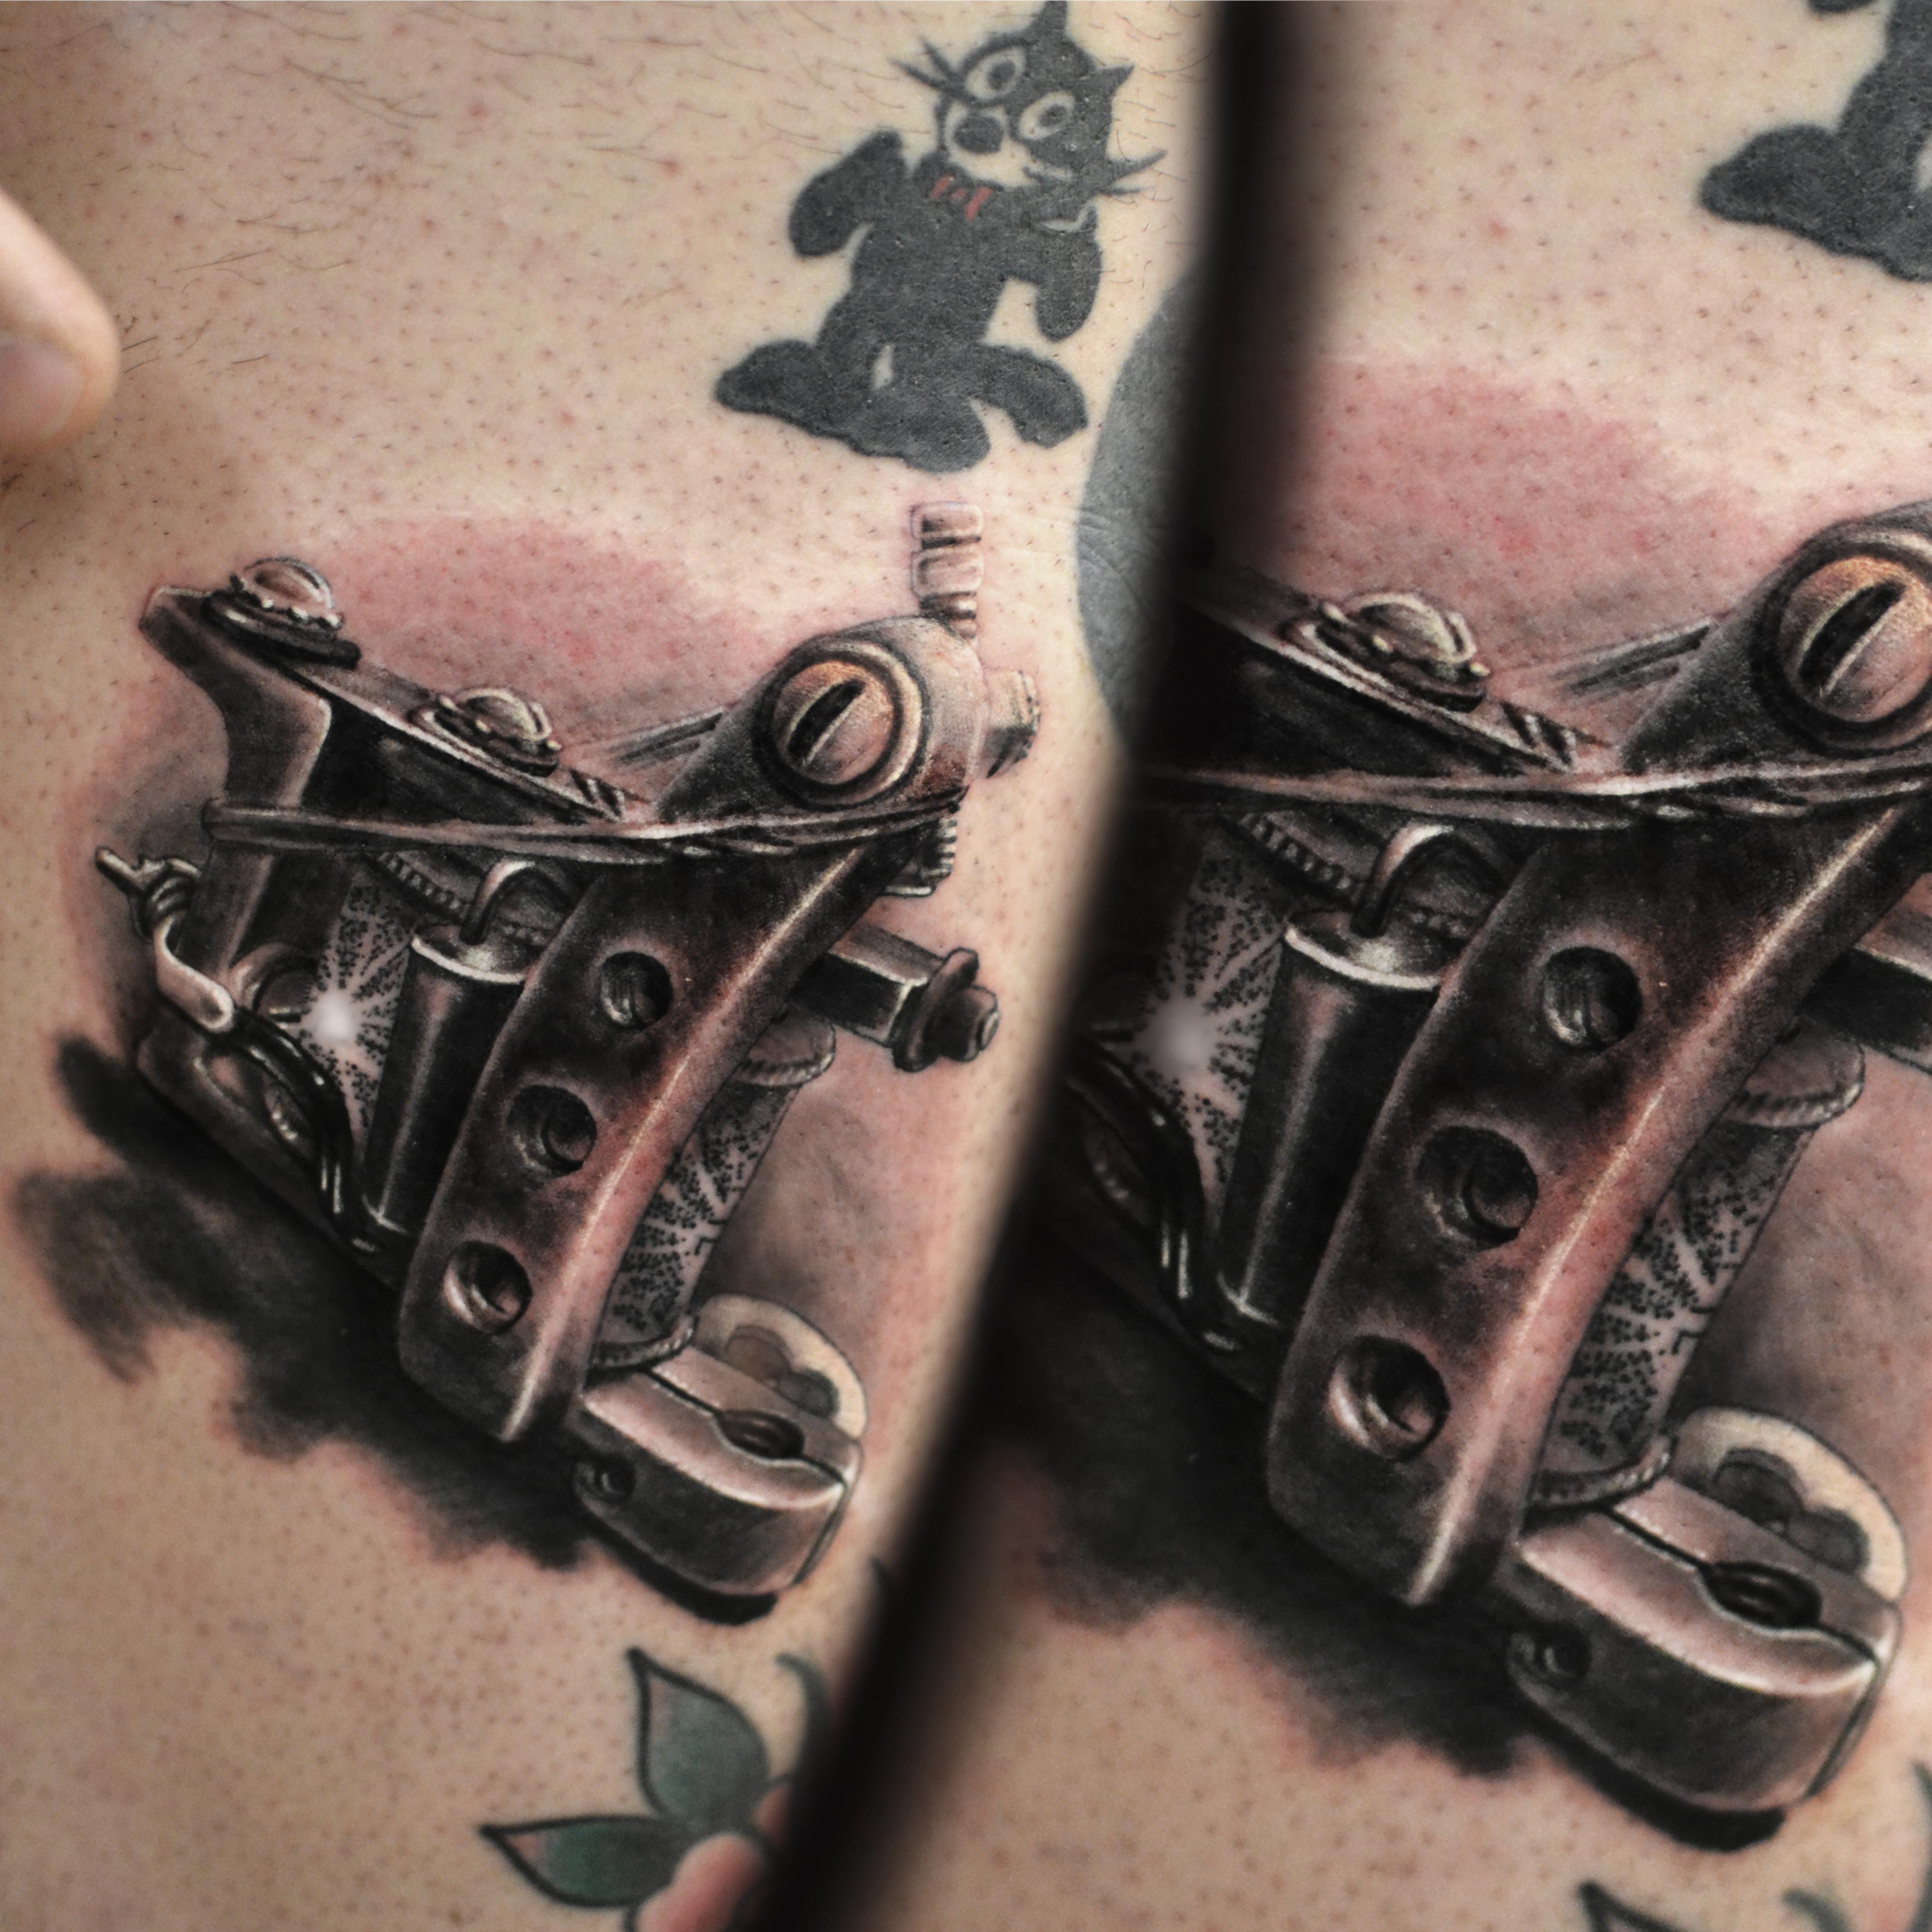 13 tattoo machine black and gray tattoo